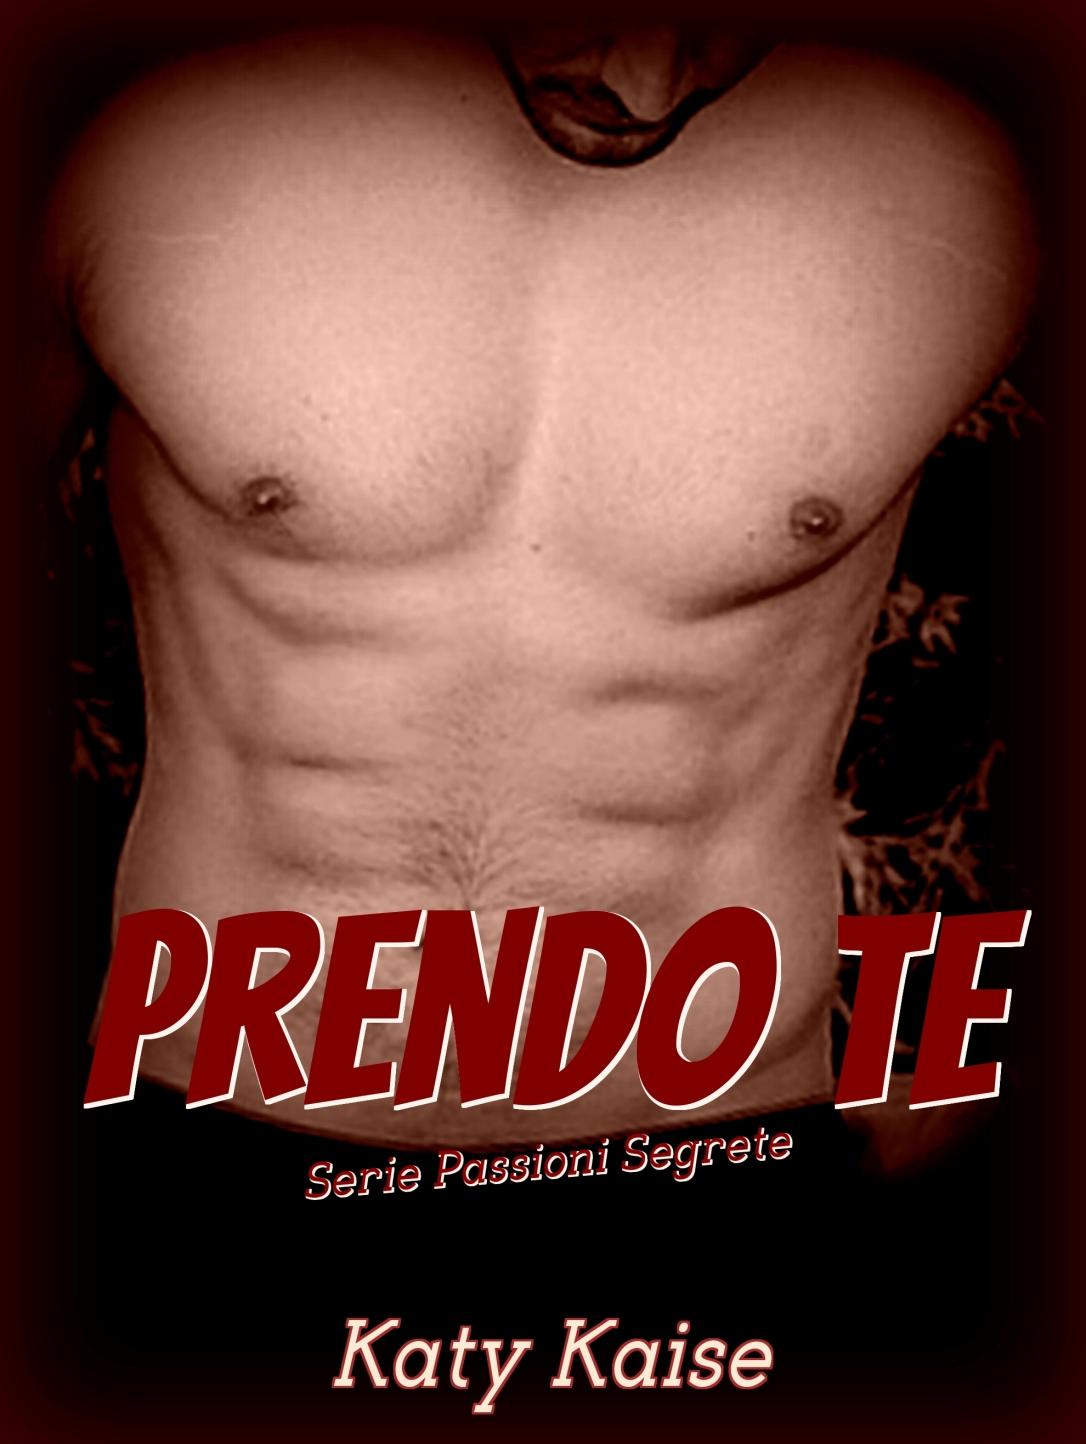 COVER PRENDO TE